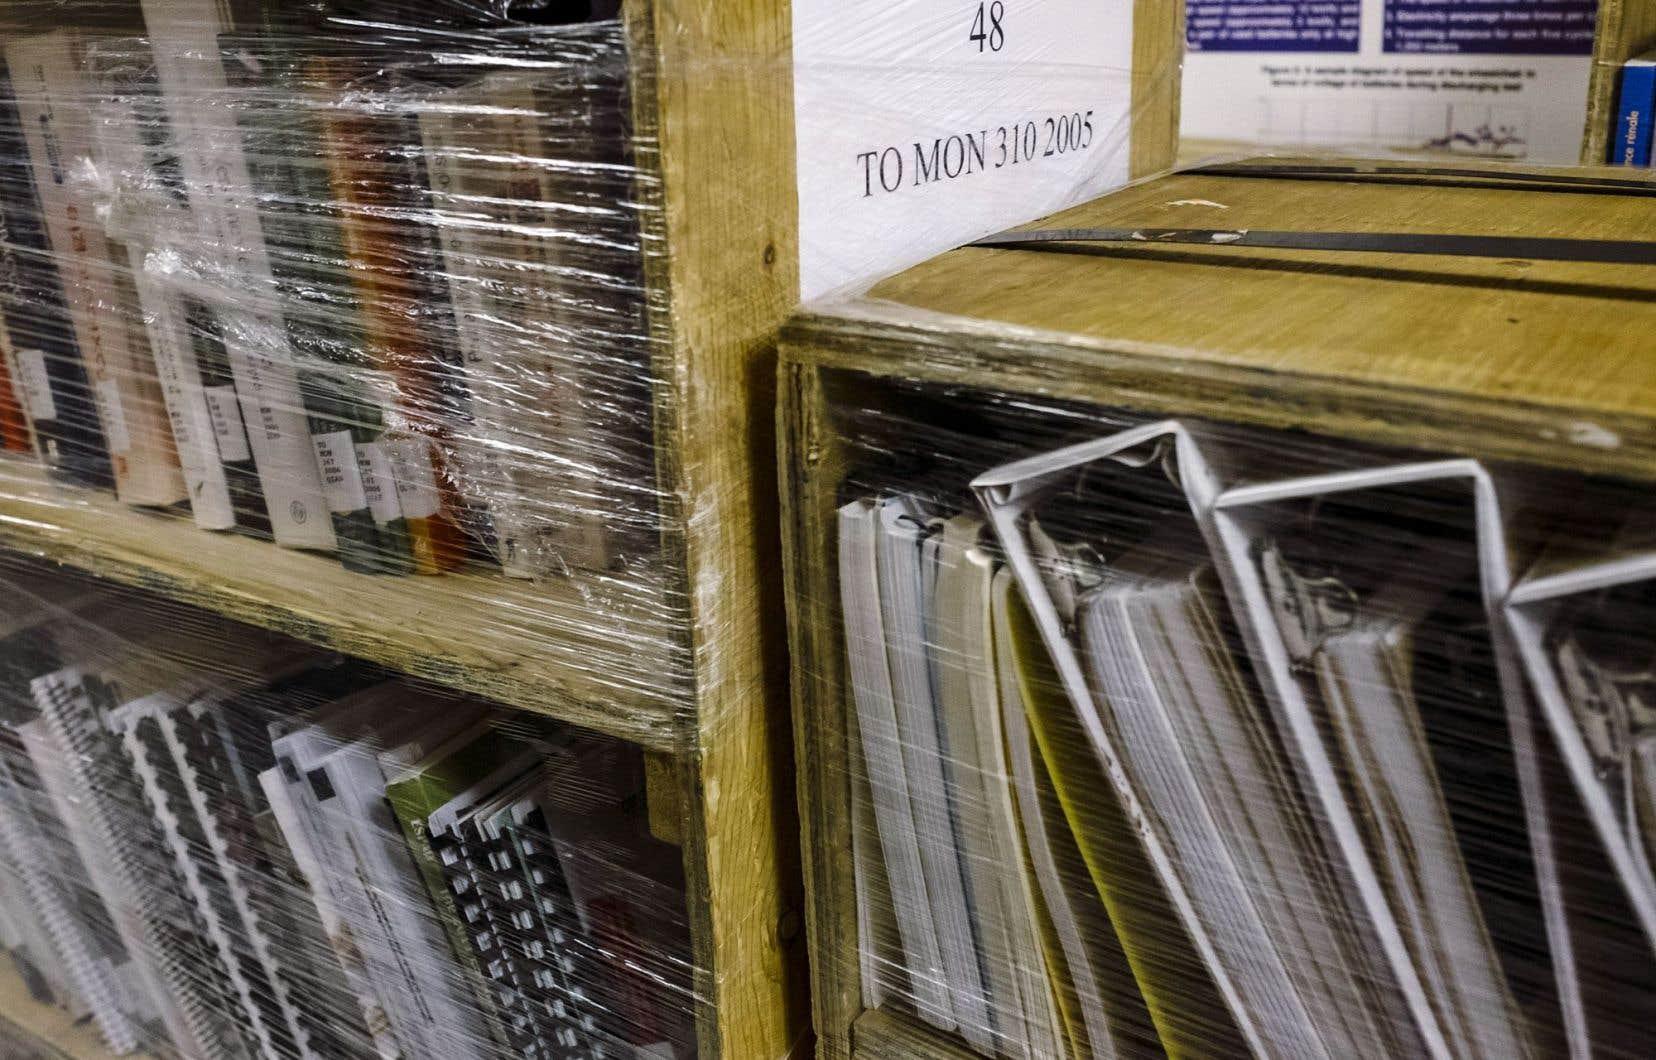 Des milliers de livres, manuels, rapports et autres documents dorment dans les couloirs du sous-sol de l'Institut de réadaptation en déficience physique de Québec.